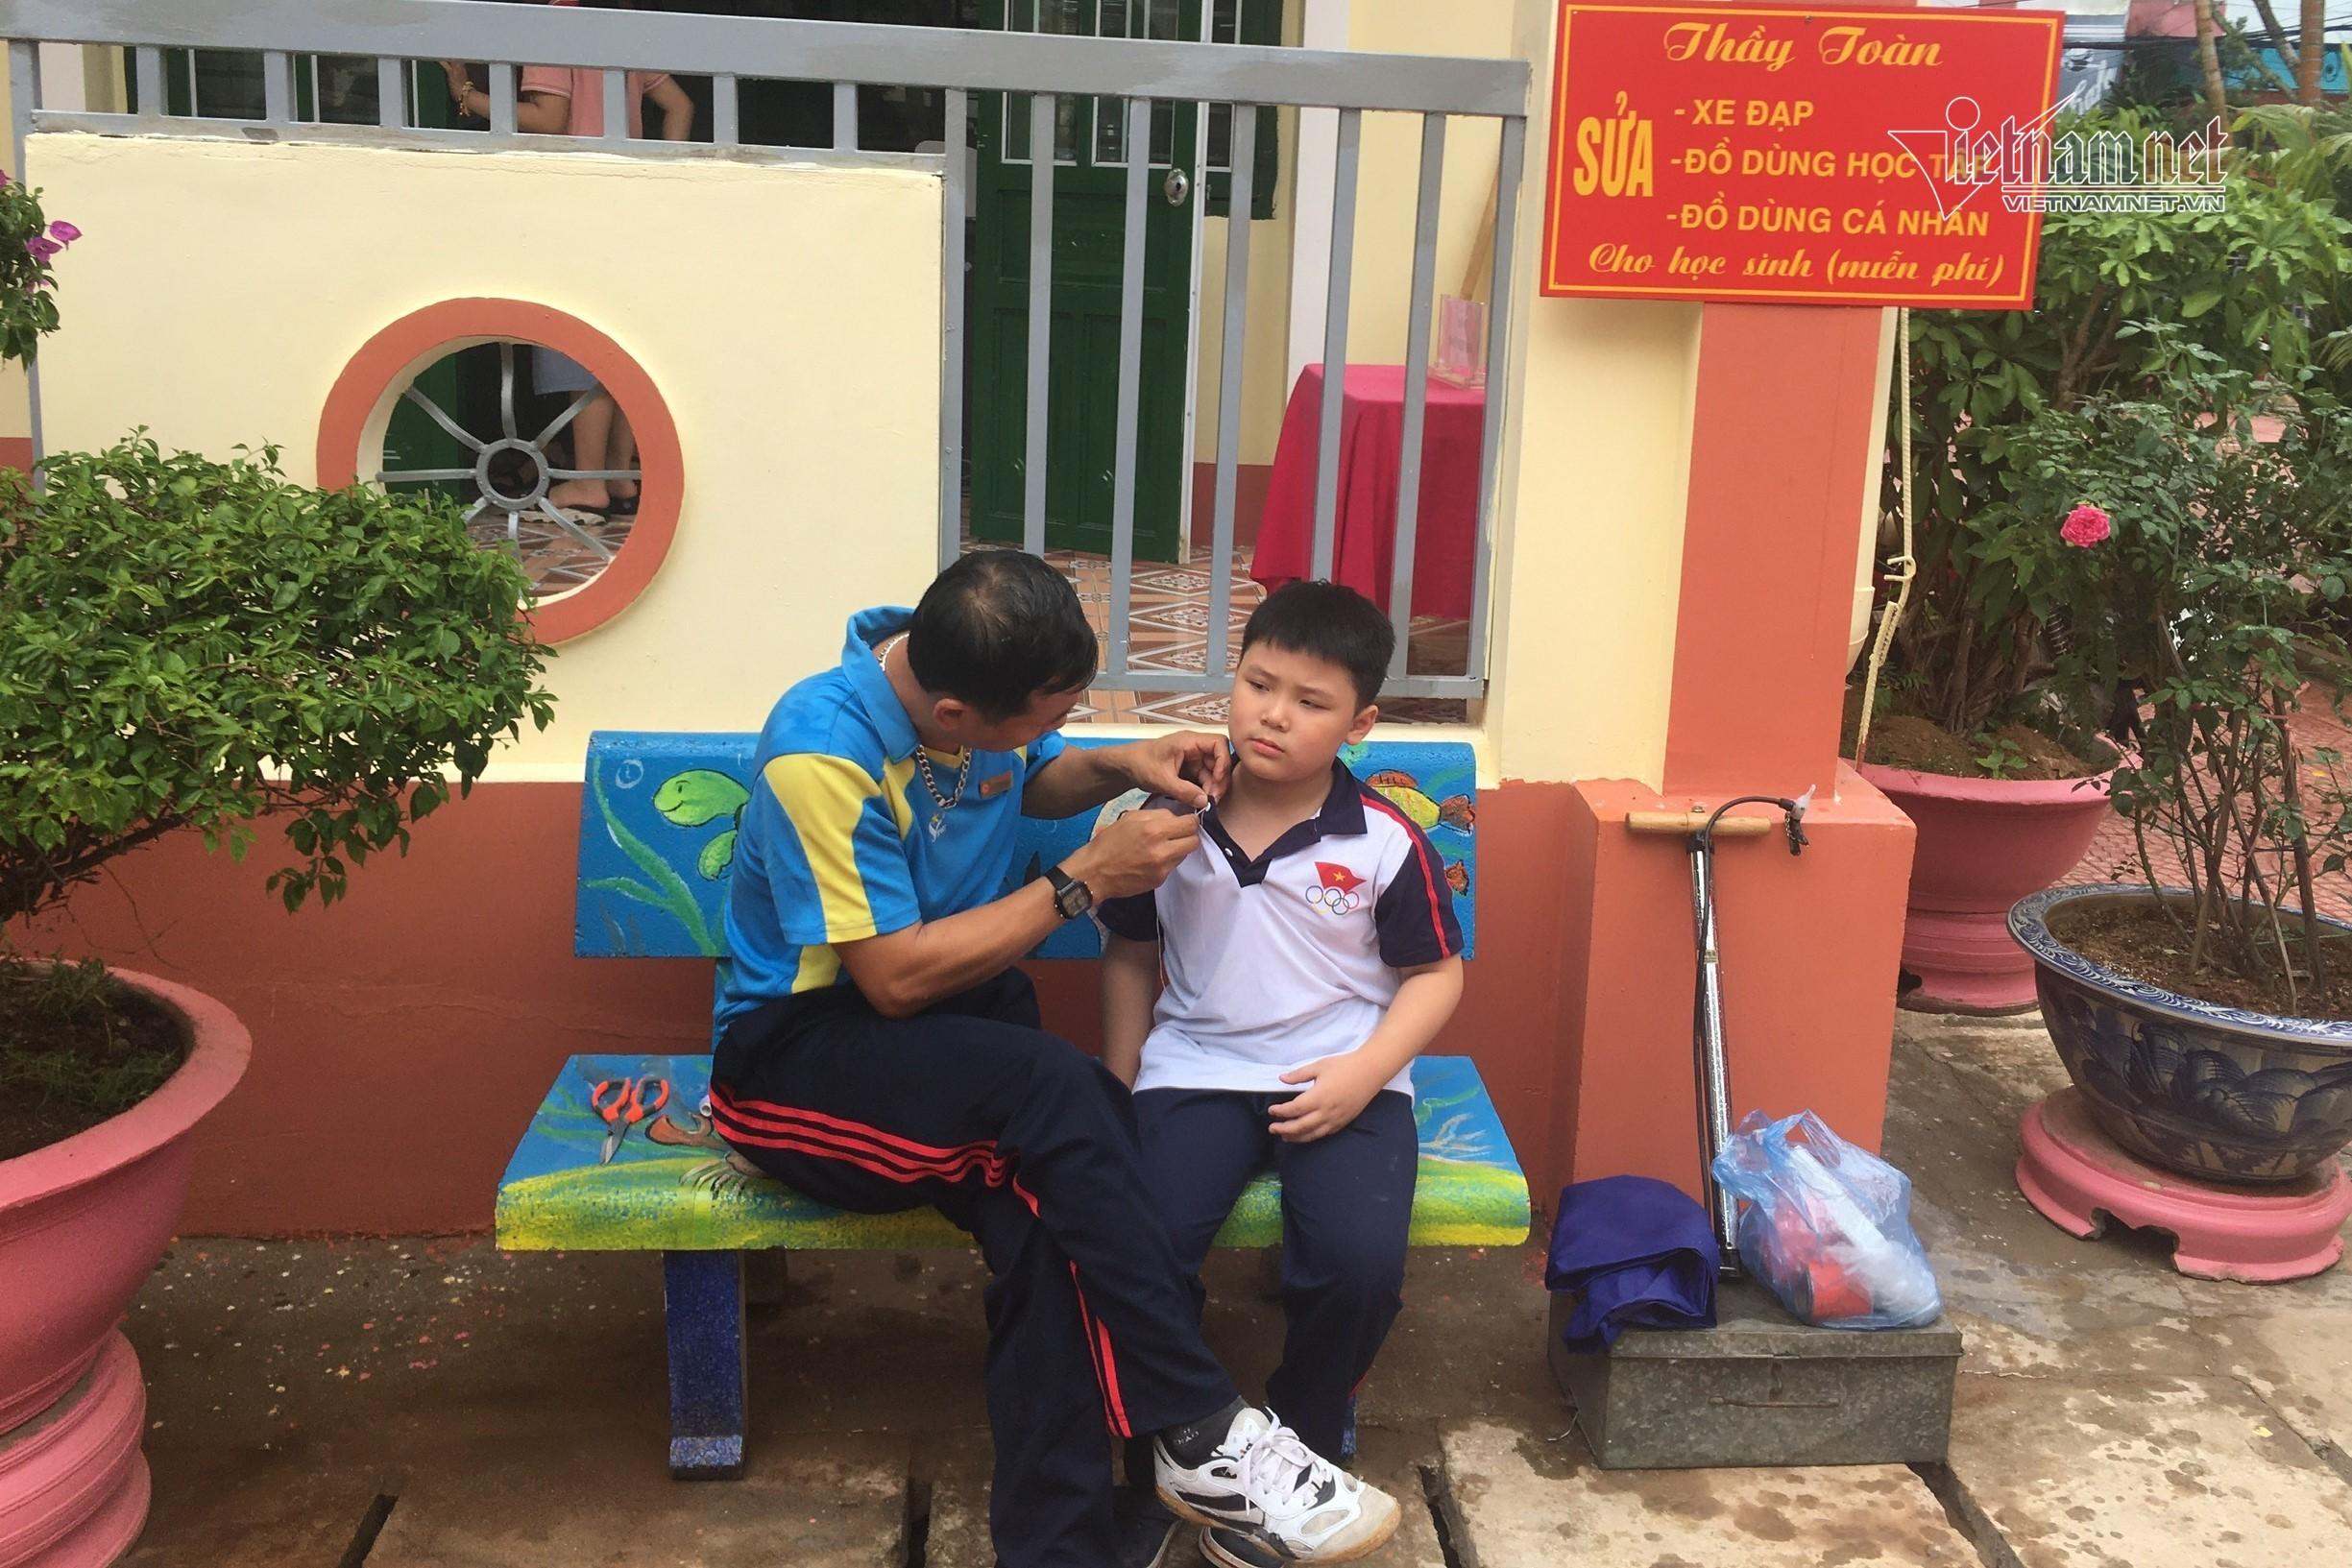 'Quán nhỏ' giữa sân trường của thầy giáo vùng cao